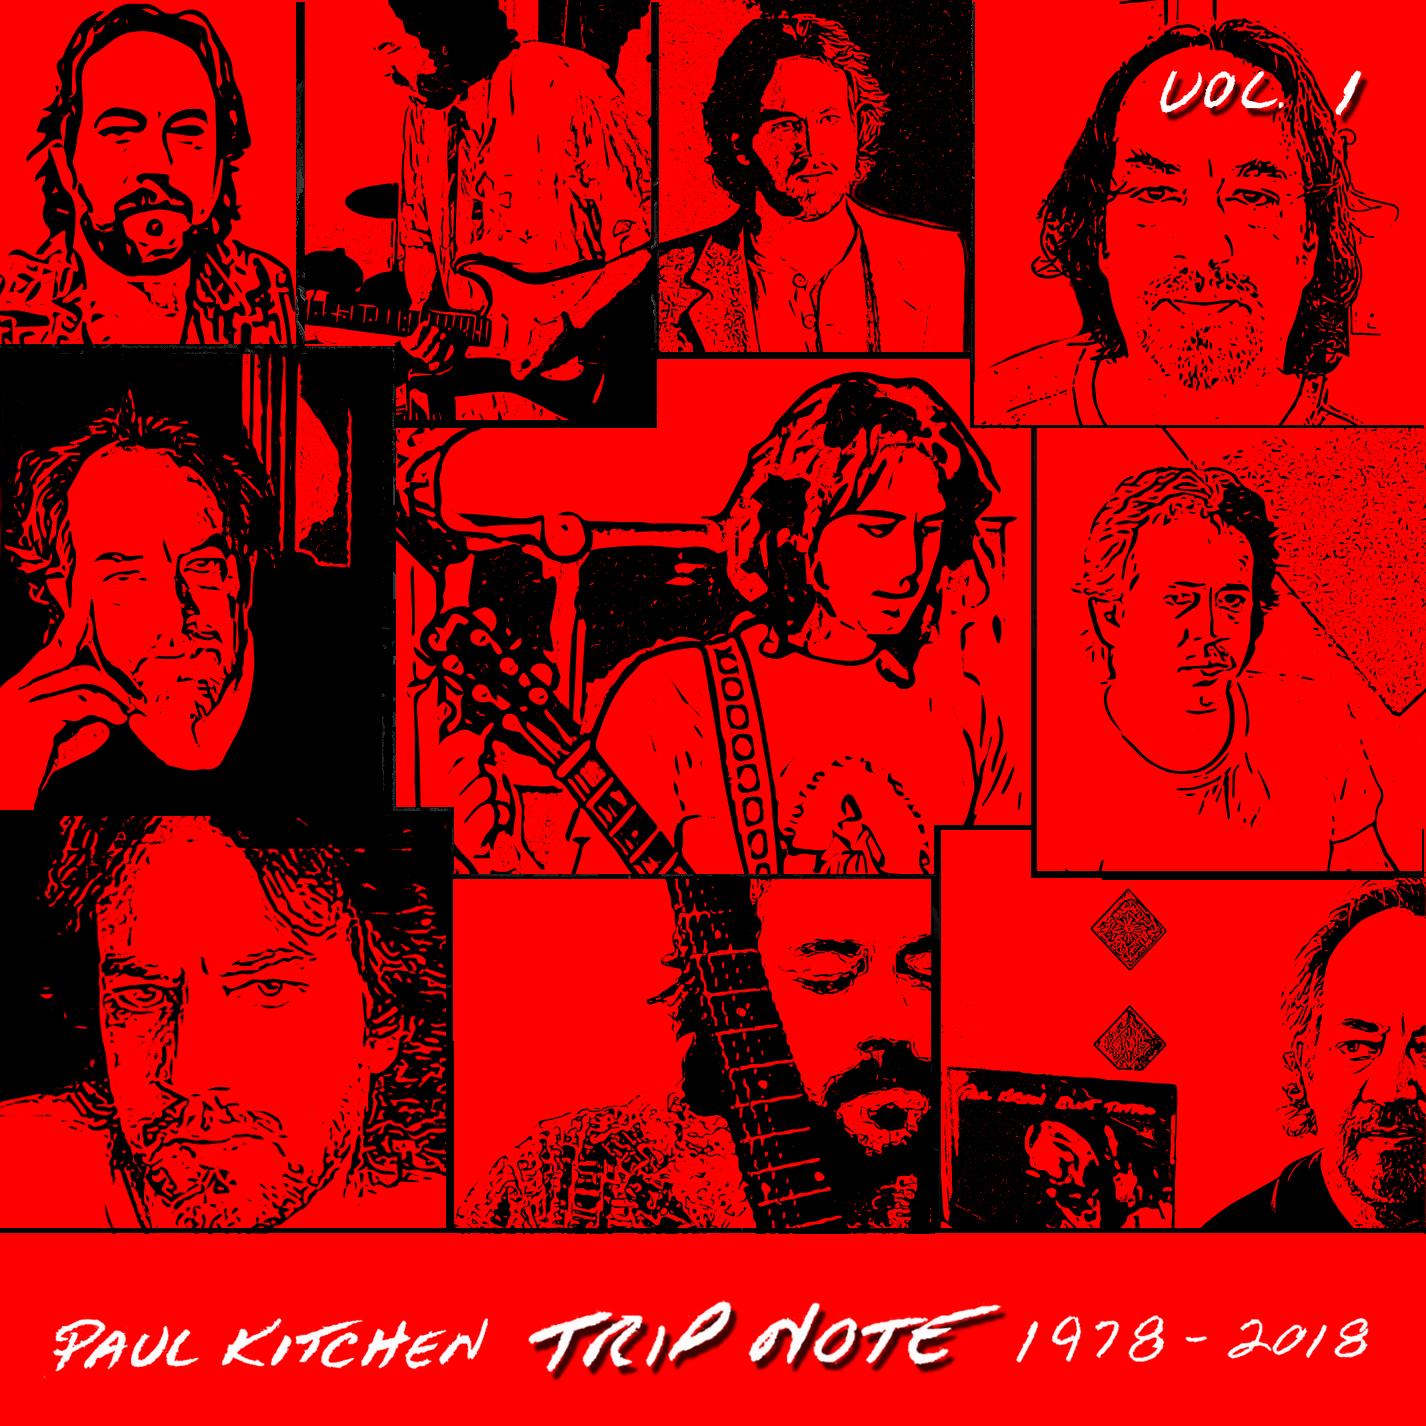 Trip Note: 1978-2018 Vol. 1